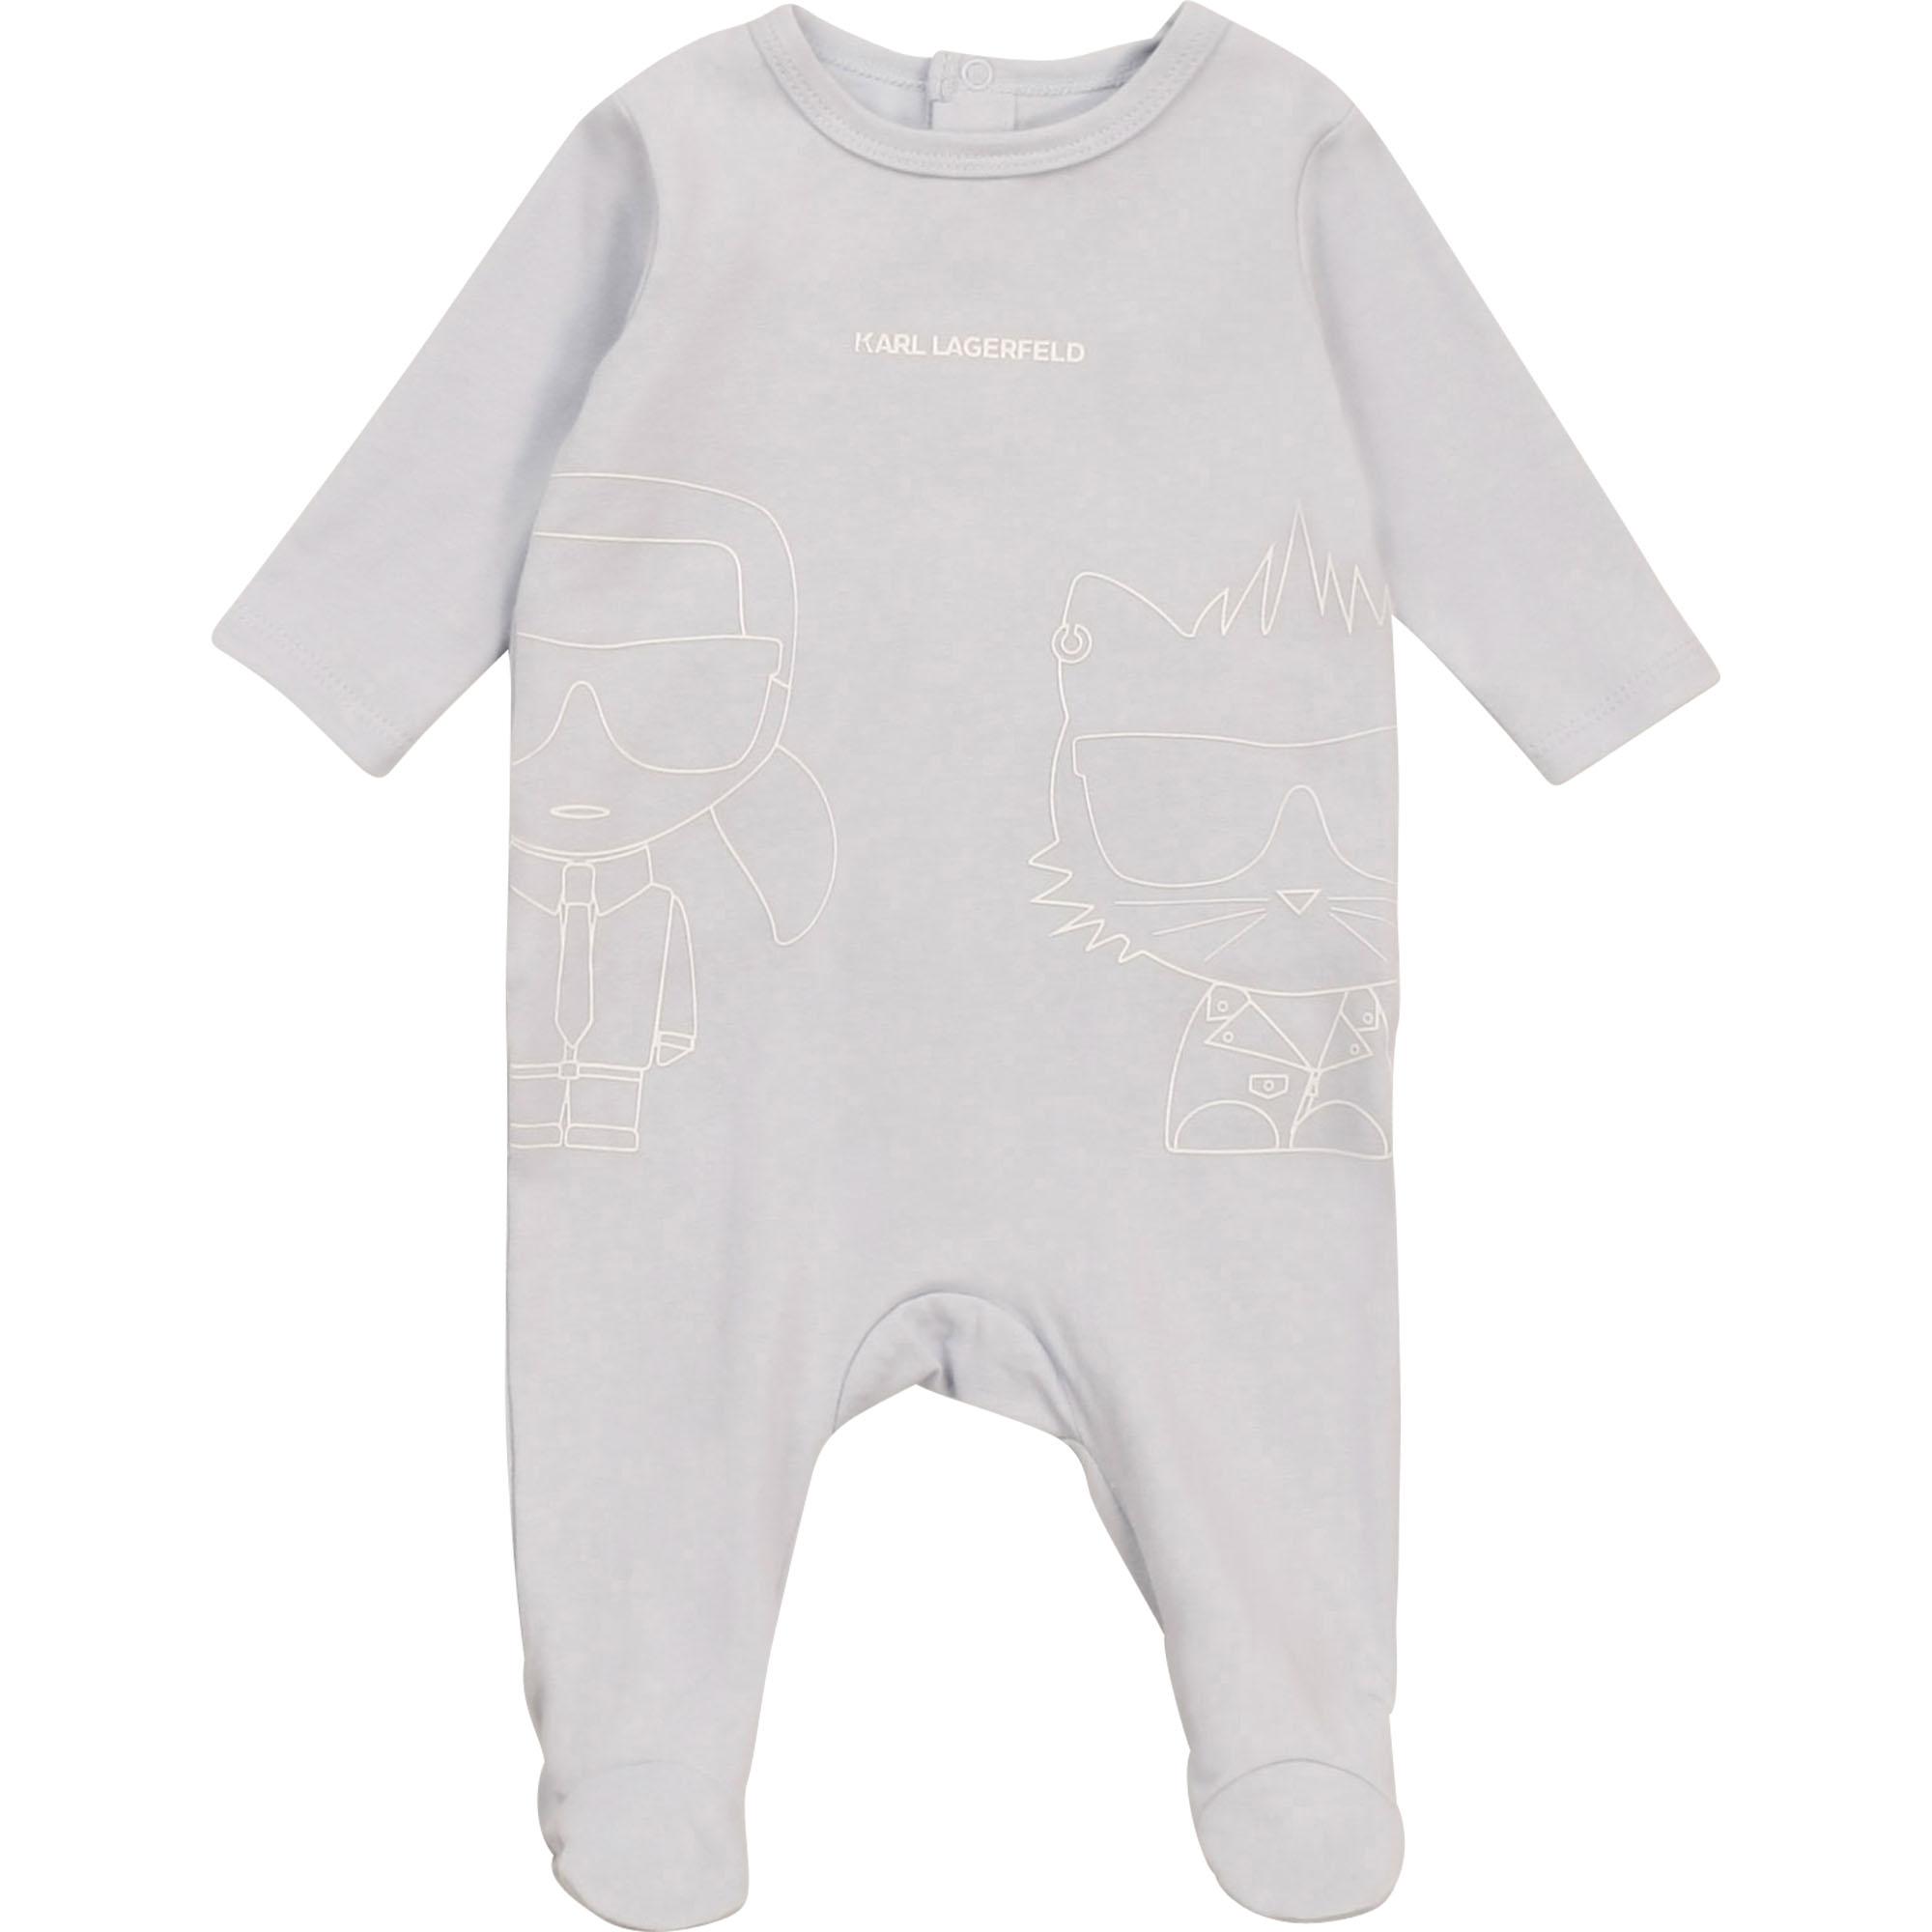 Pyjama en jersey coton KARL LAGERFELD KIDS BEBE COUCHE GARCON Bleu